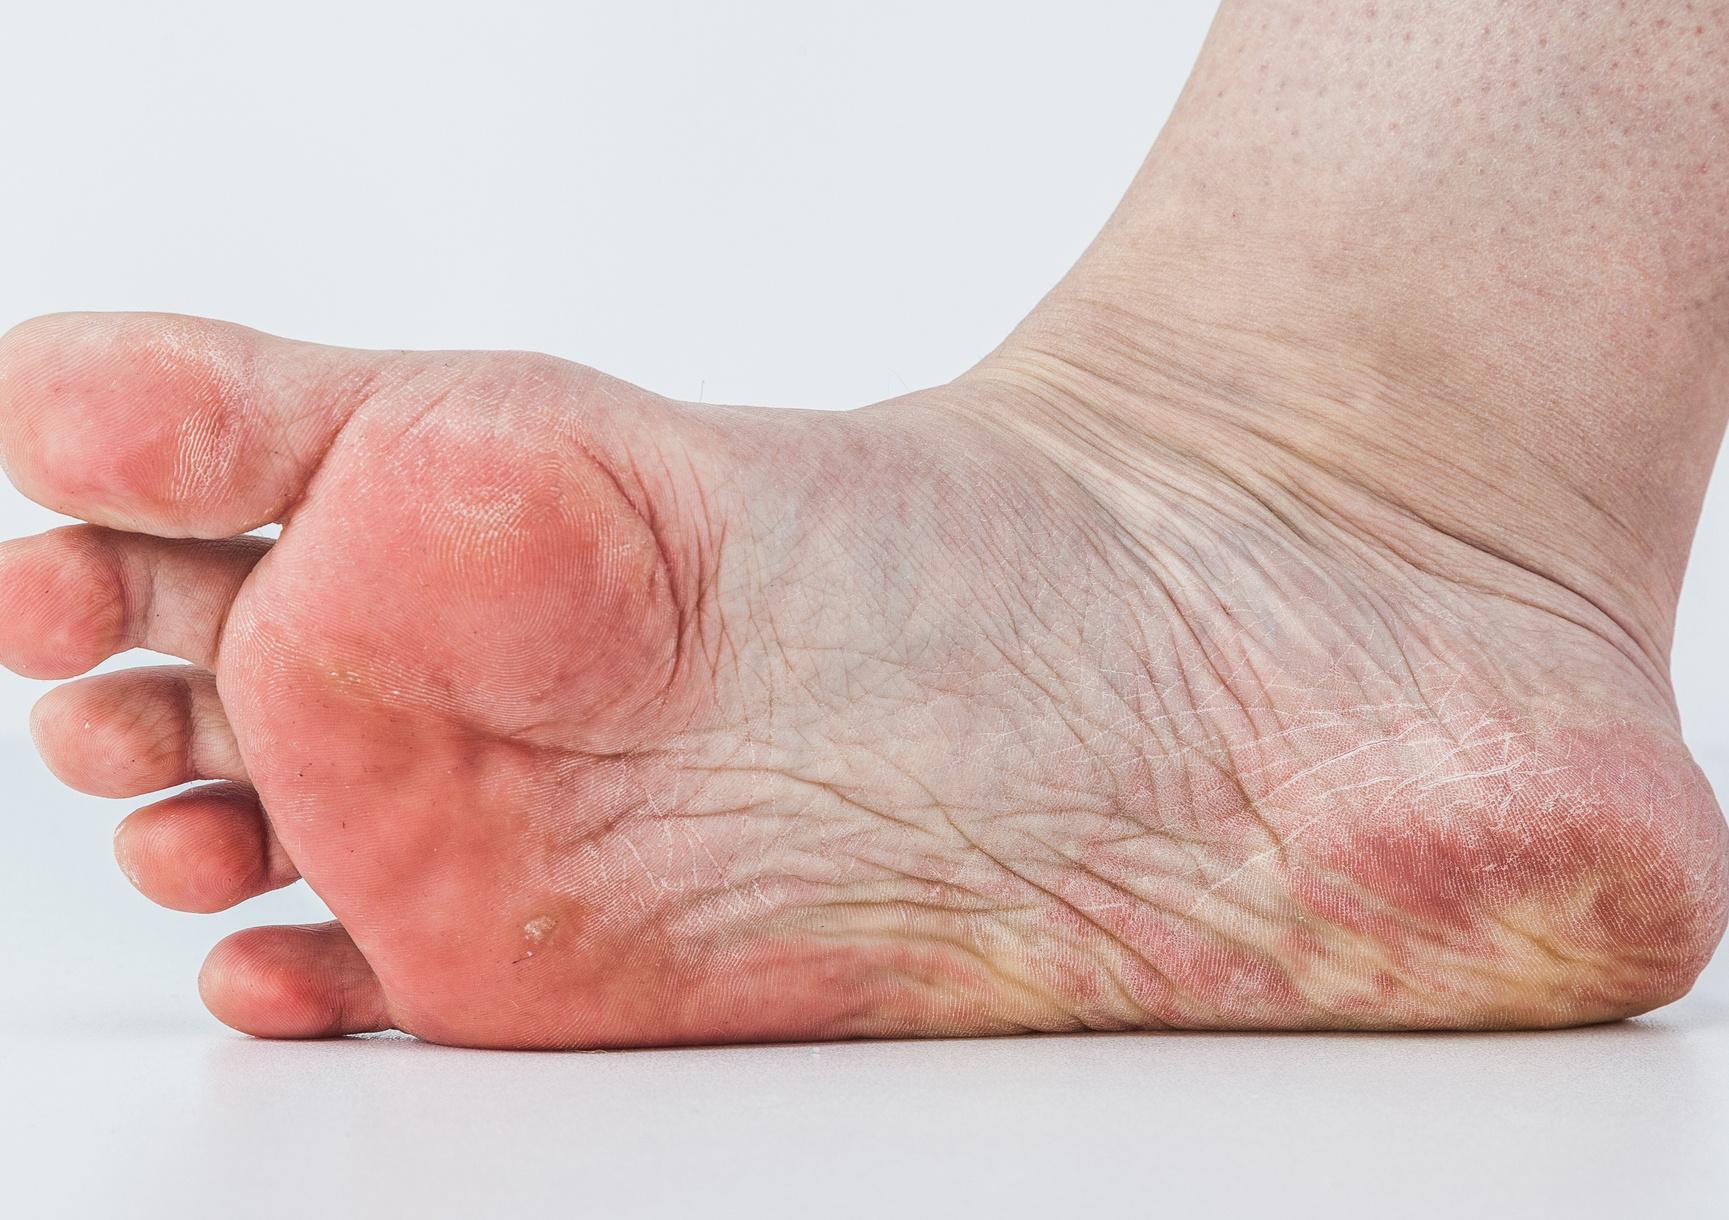 vörös foltok a bőrön veszélyesek népi gyógymódok pikkelysömör kezelésére